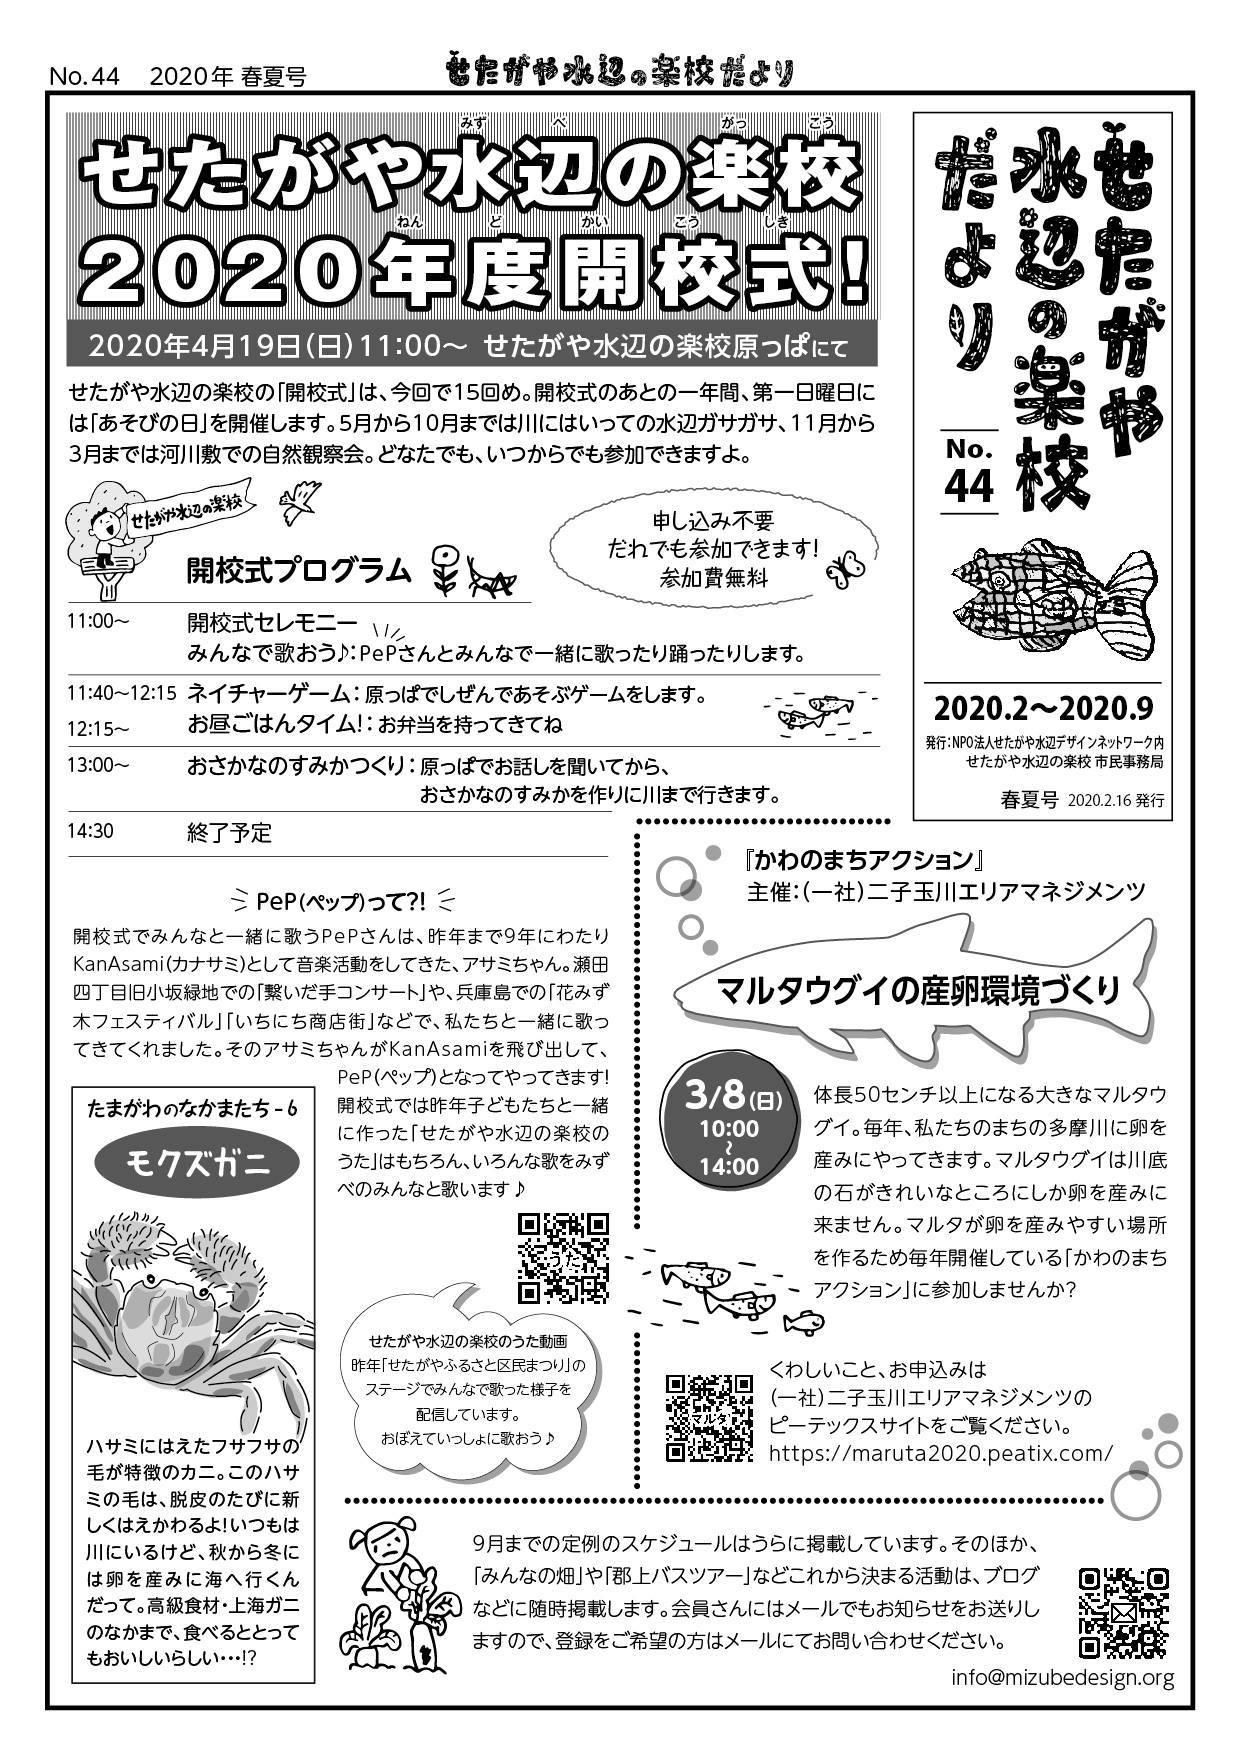 2020年3月8日(日)マルタウグイの産卵環境づくり中止のお知らせ_c0091679_09110484.jpg